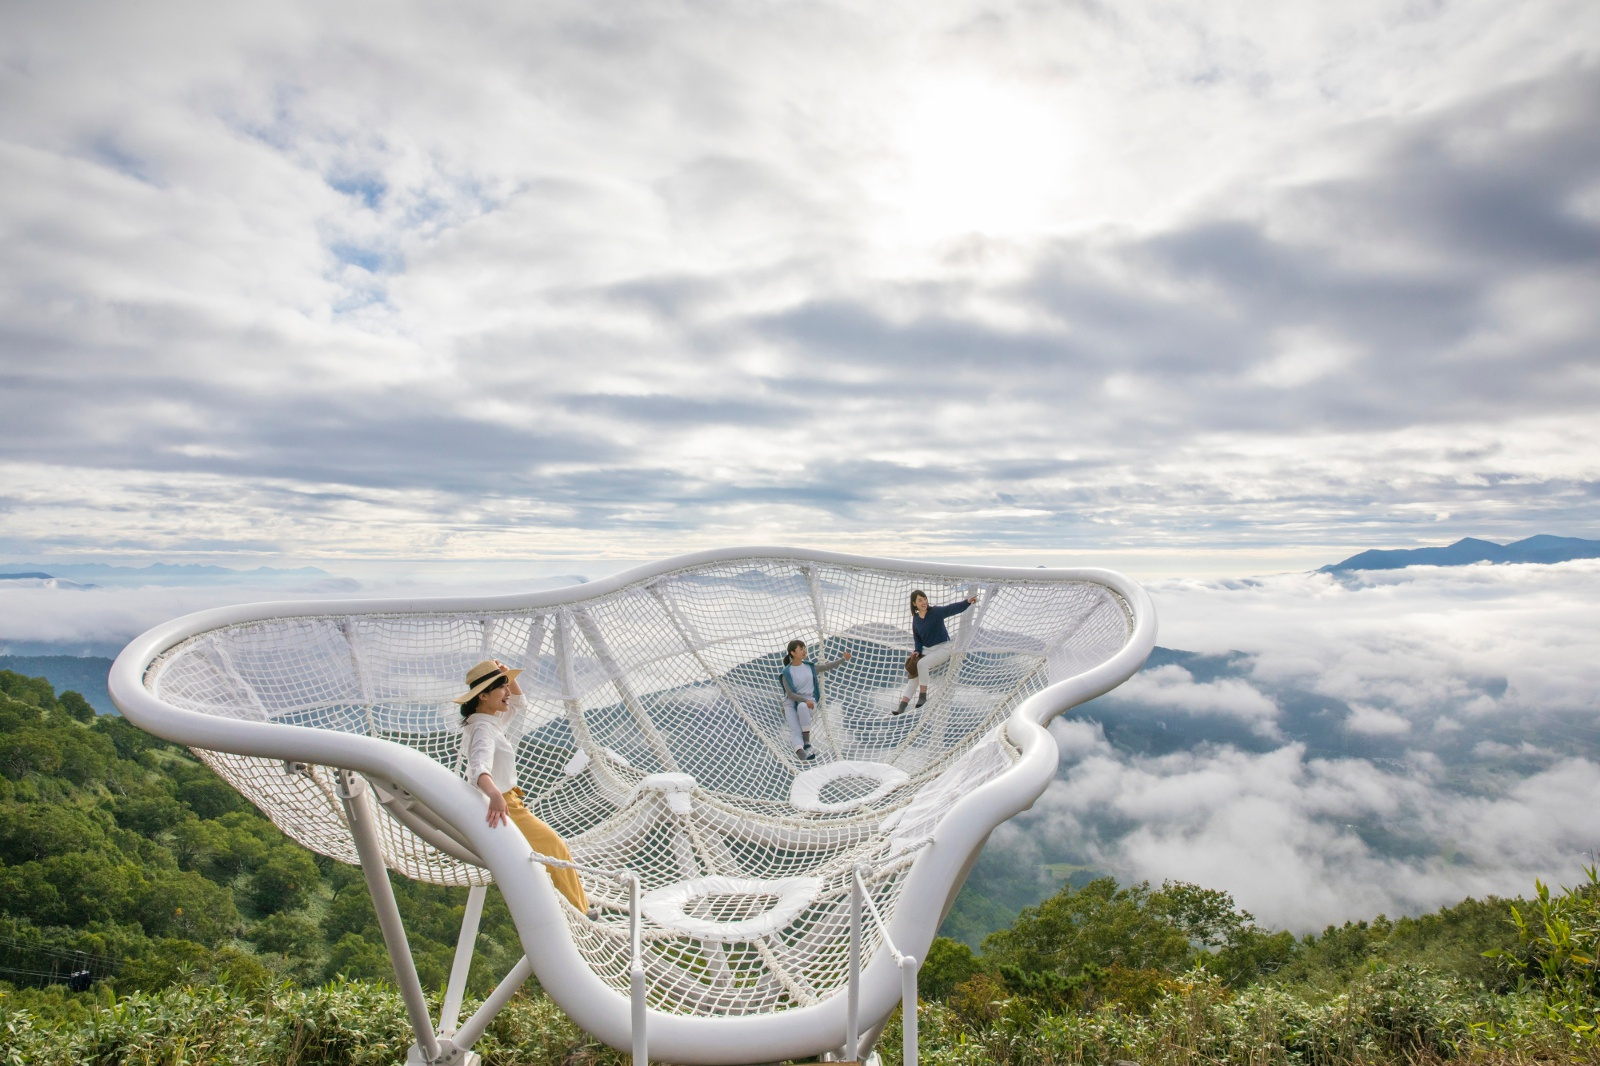 雲の上に浮かぶ!? トマム「雲海テラス」に2つの展望スポットが誕生